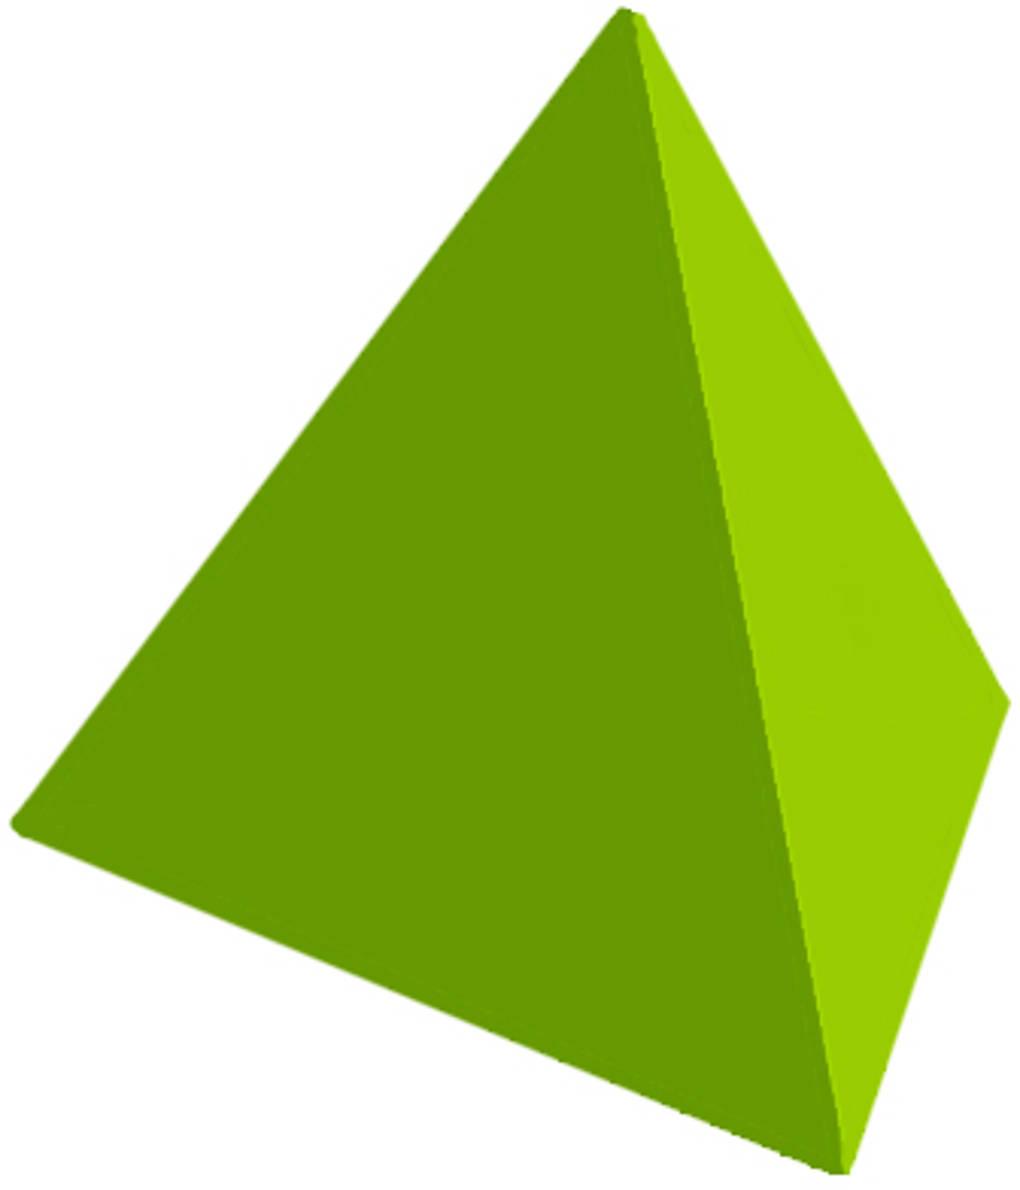 Tetraederür_Streckenlängen_1.jpg